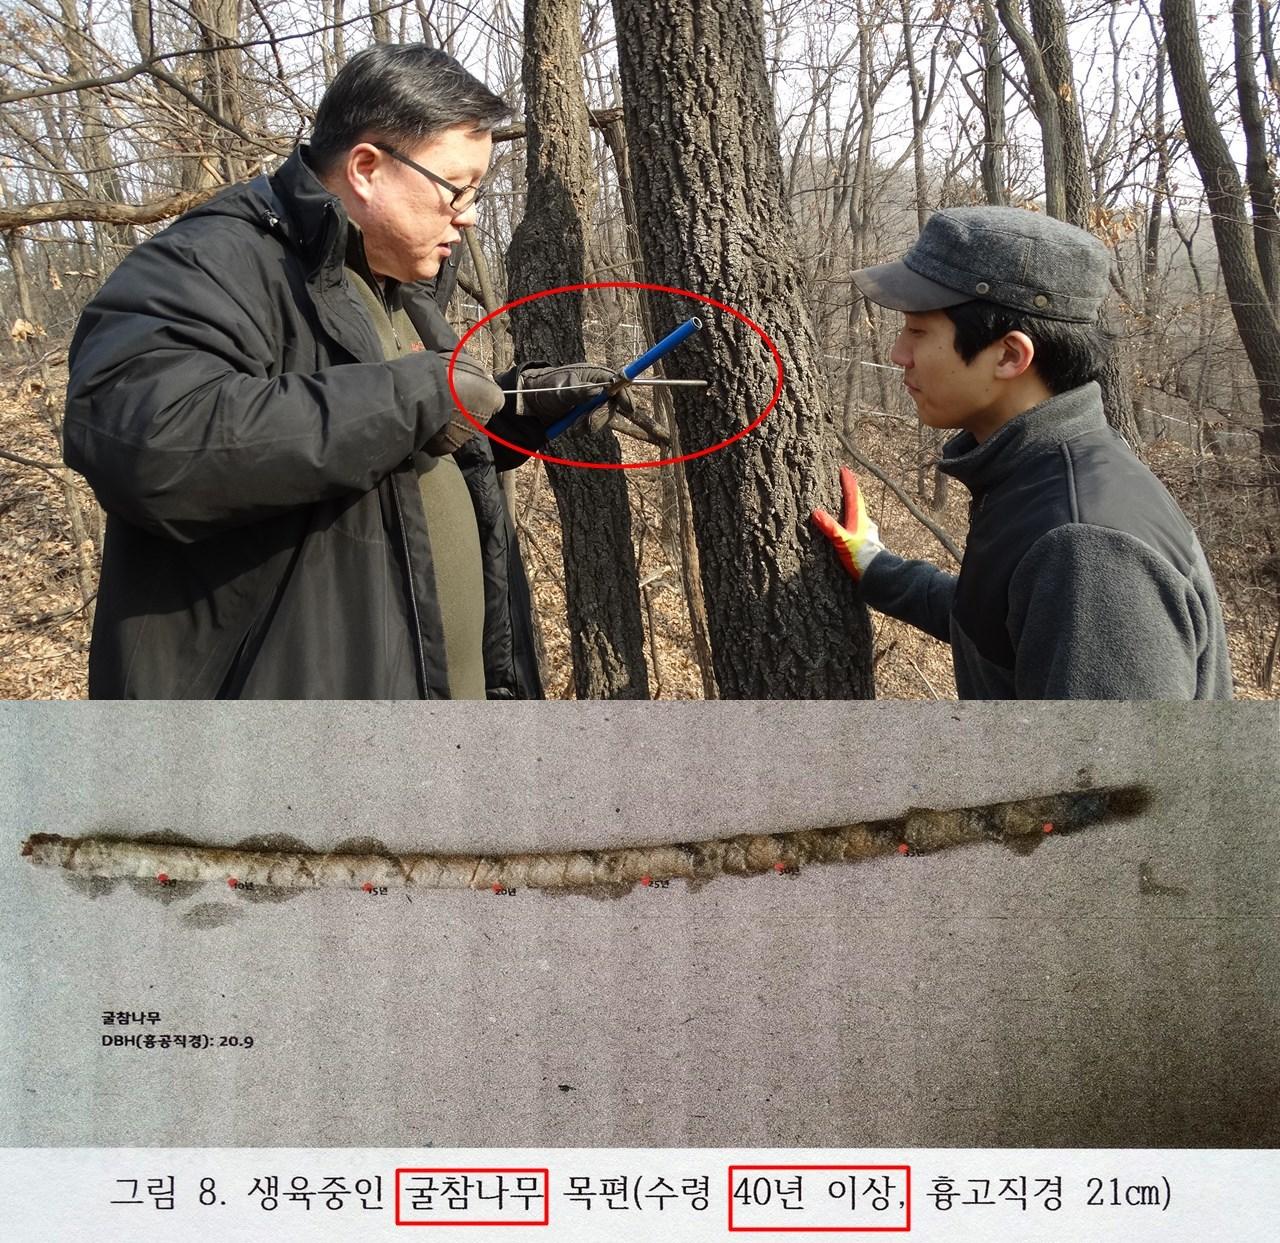 엄태원 교수는 정확한 녹지자연도 등급 조사를 위해 생장추를 통해 이 숲의 가장 표준적인 굵기의 나무의 나이테까지 정확히 조사했다. 생장추를 통한 나이테 조사에서도 21cm에 불과한 굴참나무가 40년이 넘었음을 확인했다.